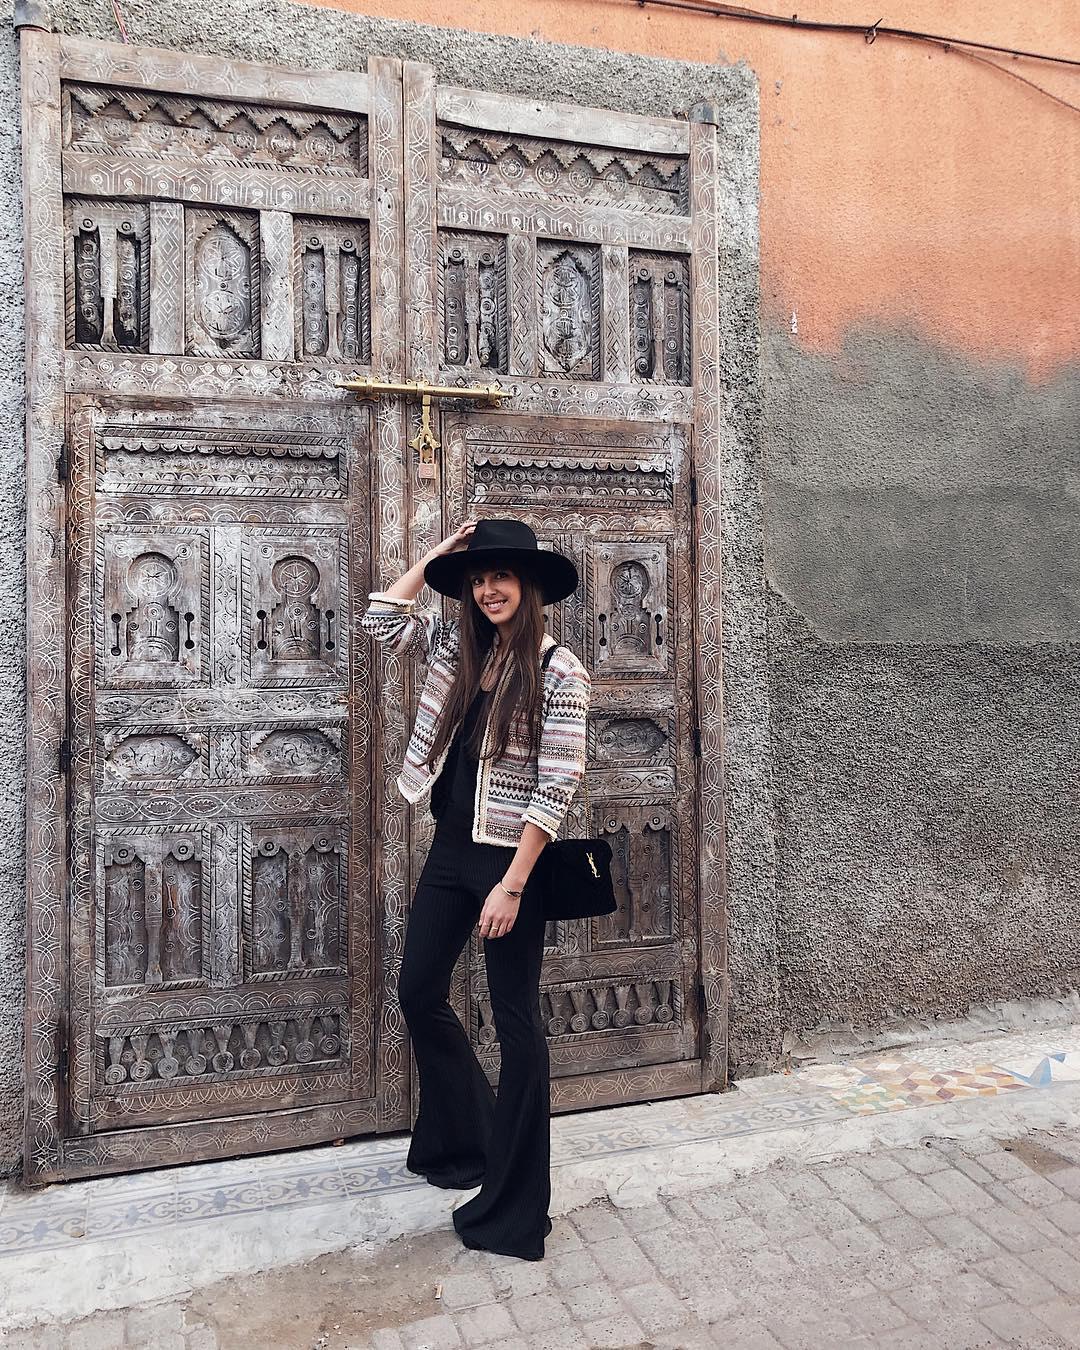 Nolwenn_creme porte notre veste Silex à Marrakech